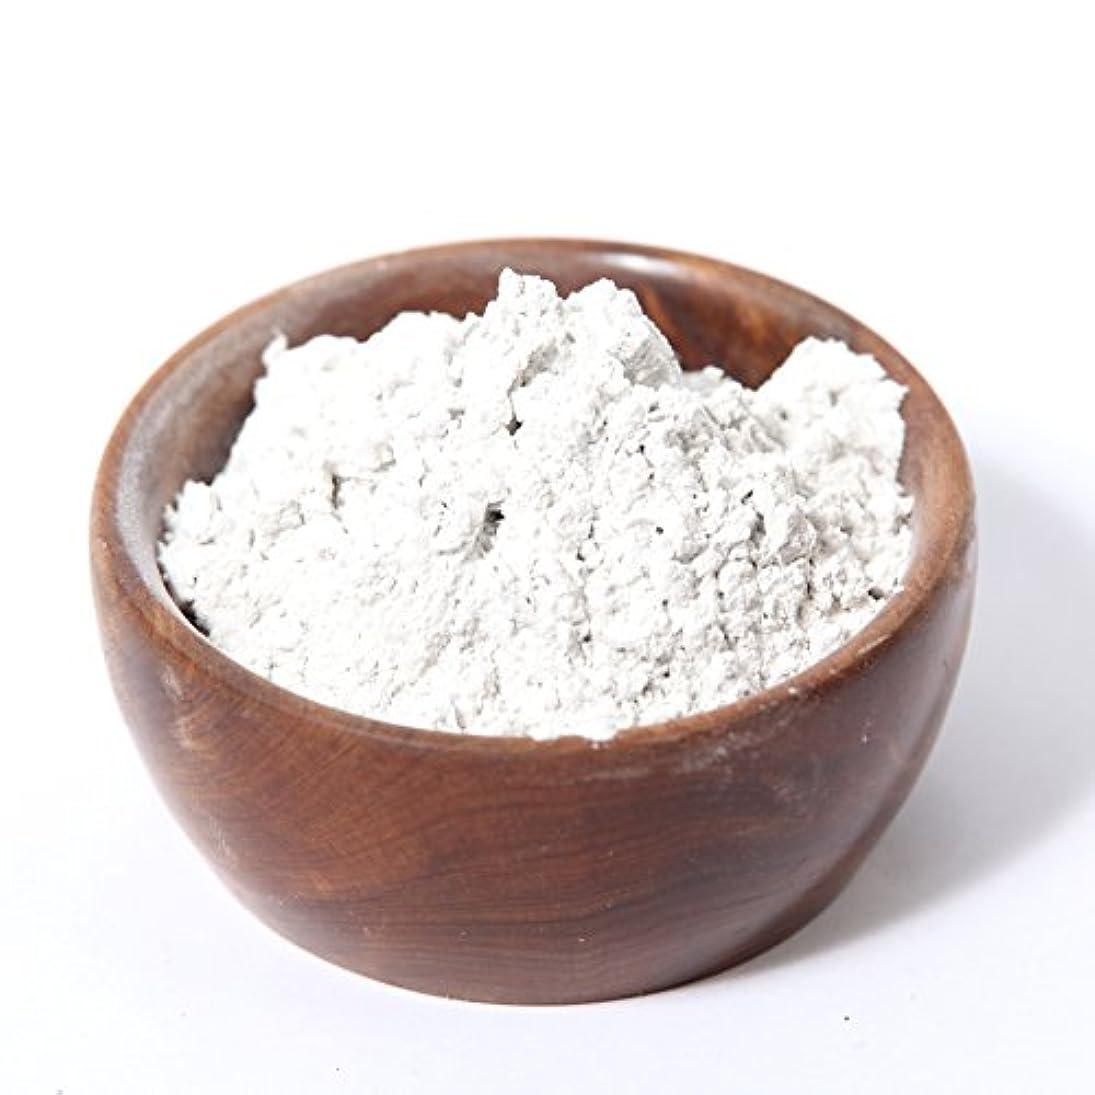 失敗軽減するまろやかなPumice Stone Superfine For Face Exfoliant 500g